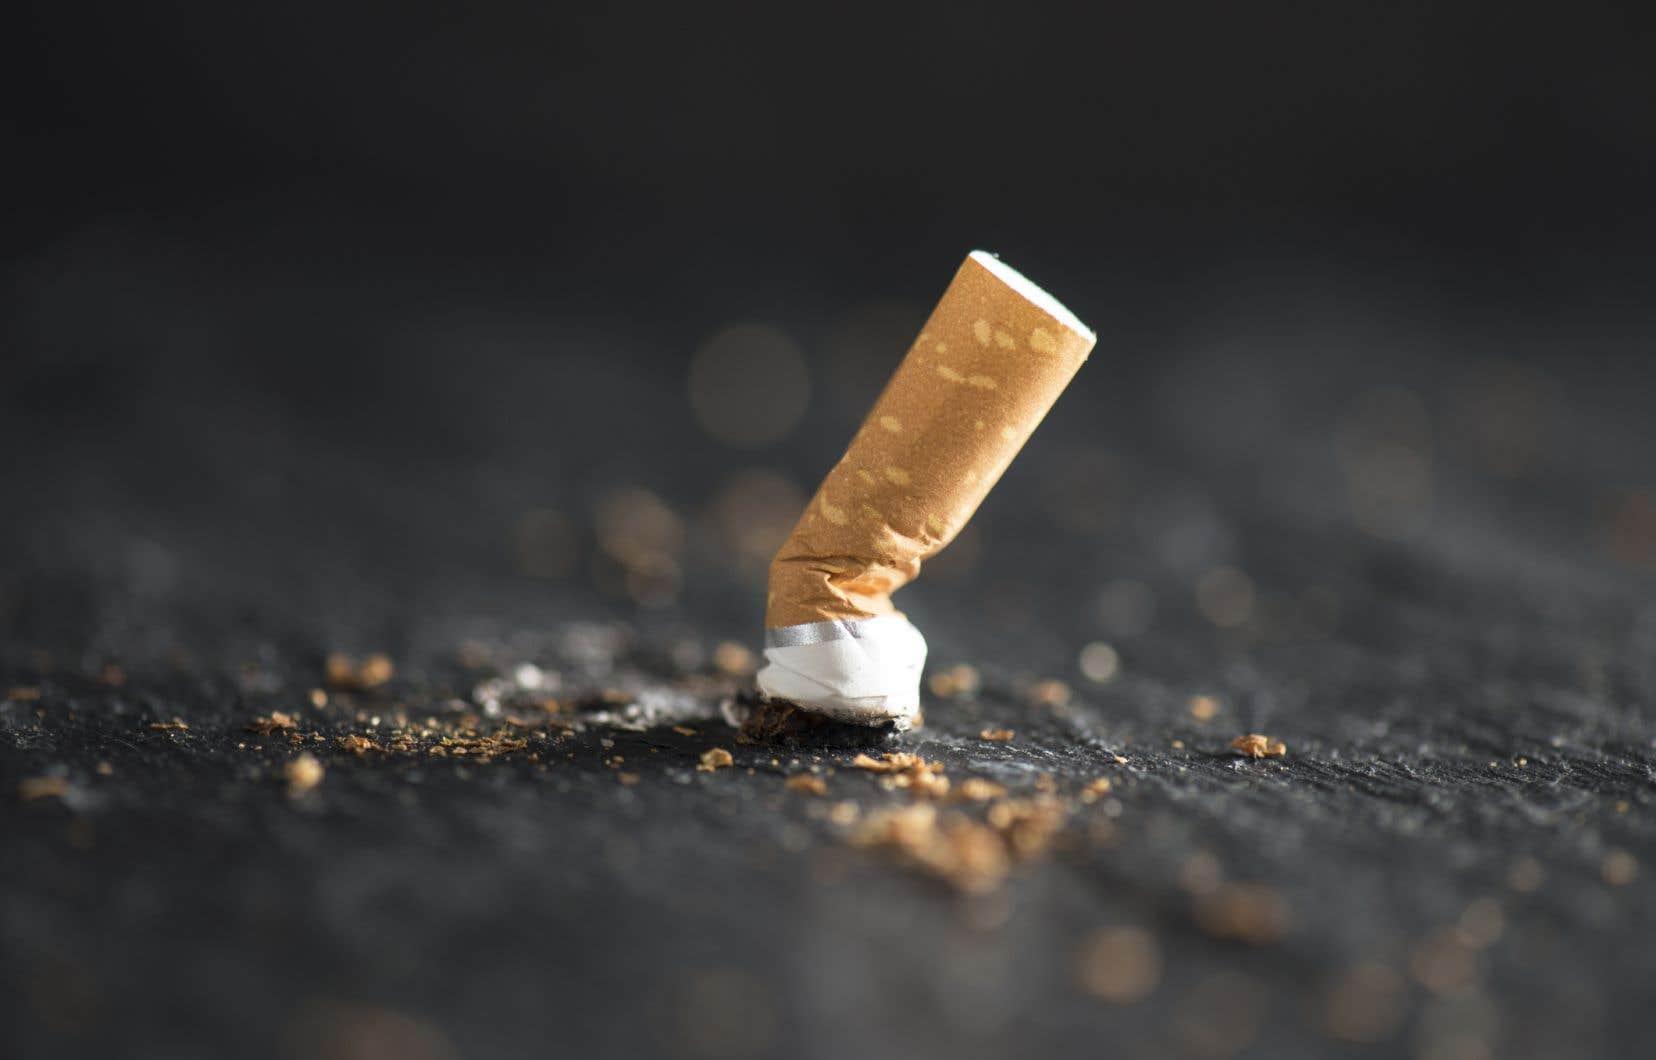 L'OIT a jusqu'à présent expliqué ses liens avec les producteurs de tabac en disant que cela lui donnait un moyen d'aider à l'amélioration des conditions de travail de quelque 60millions de personnes employées dans la culture du tabac et la production de cigarettes dans le monde.